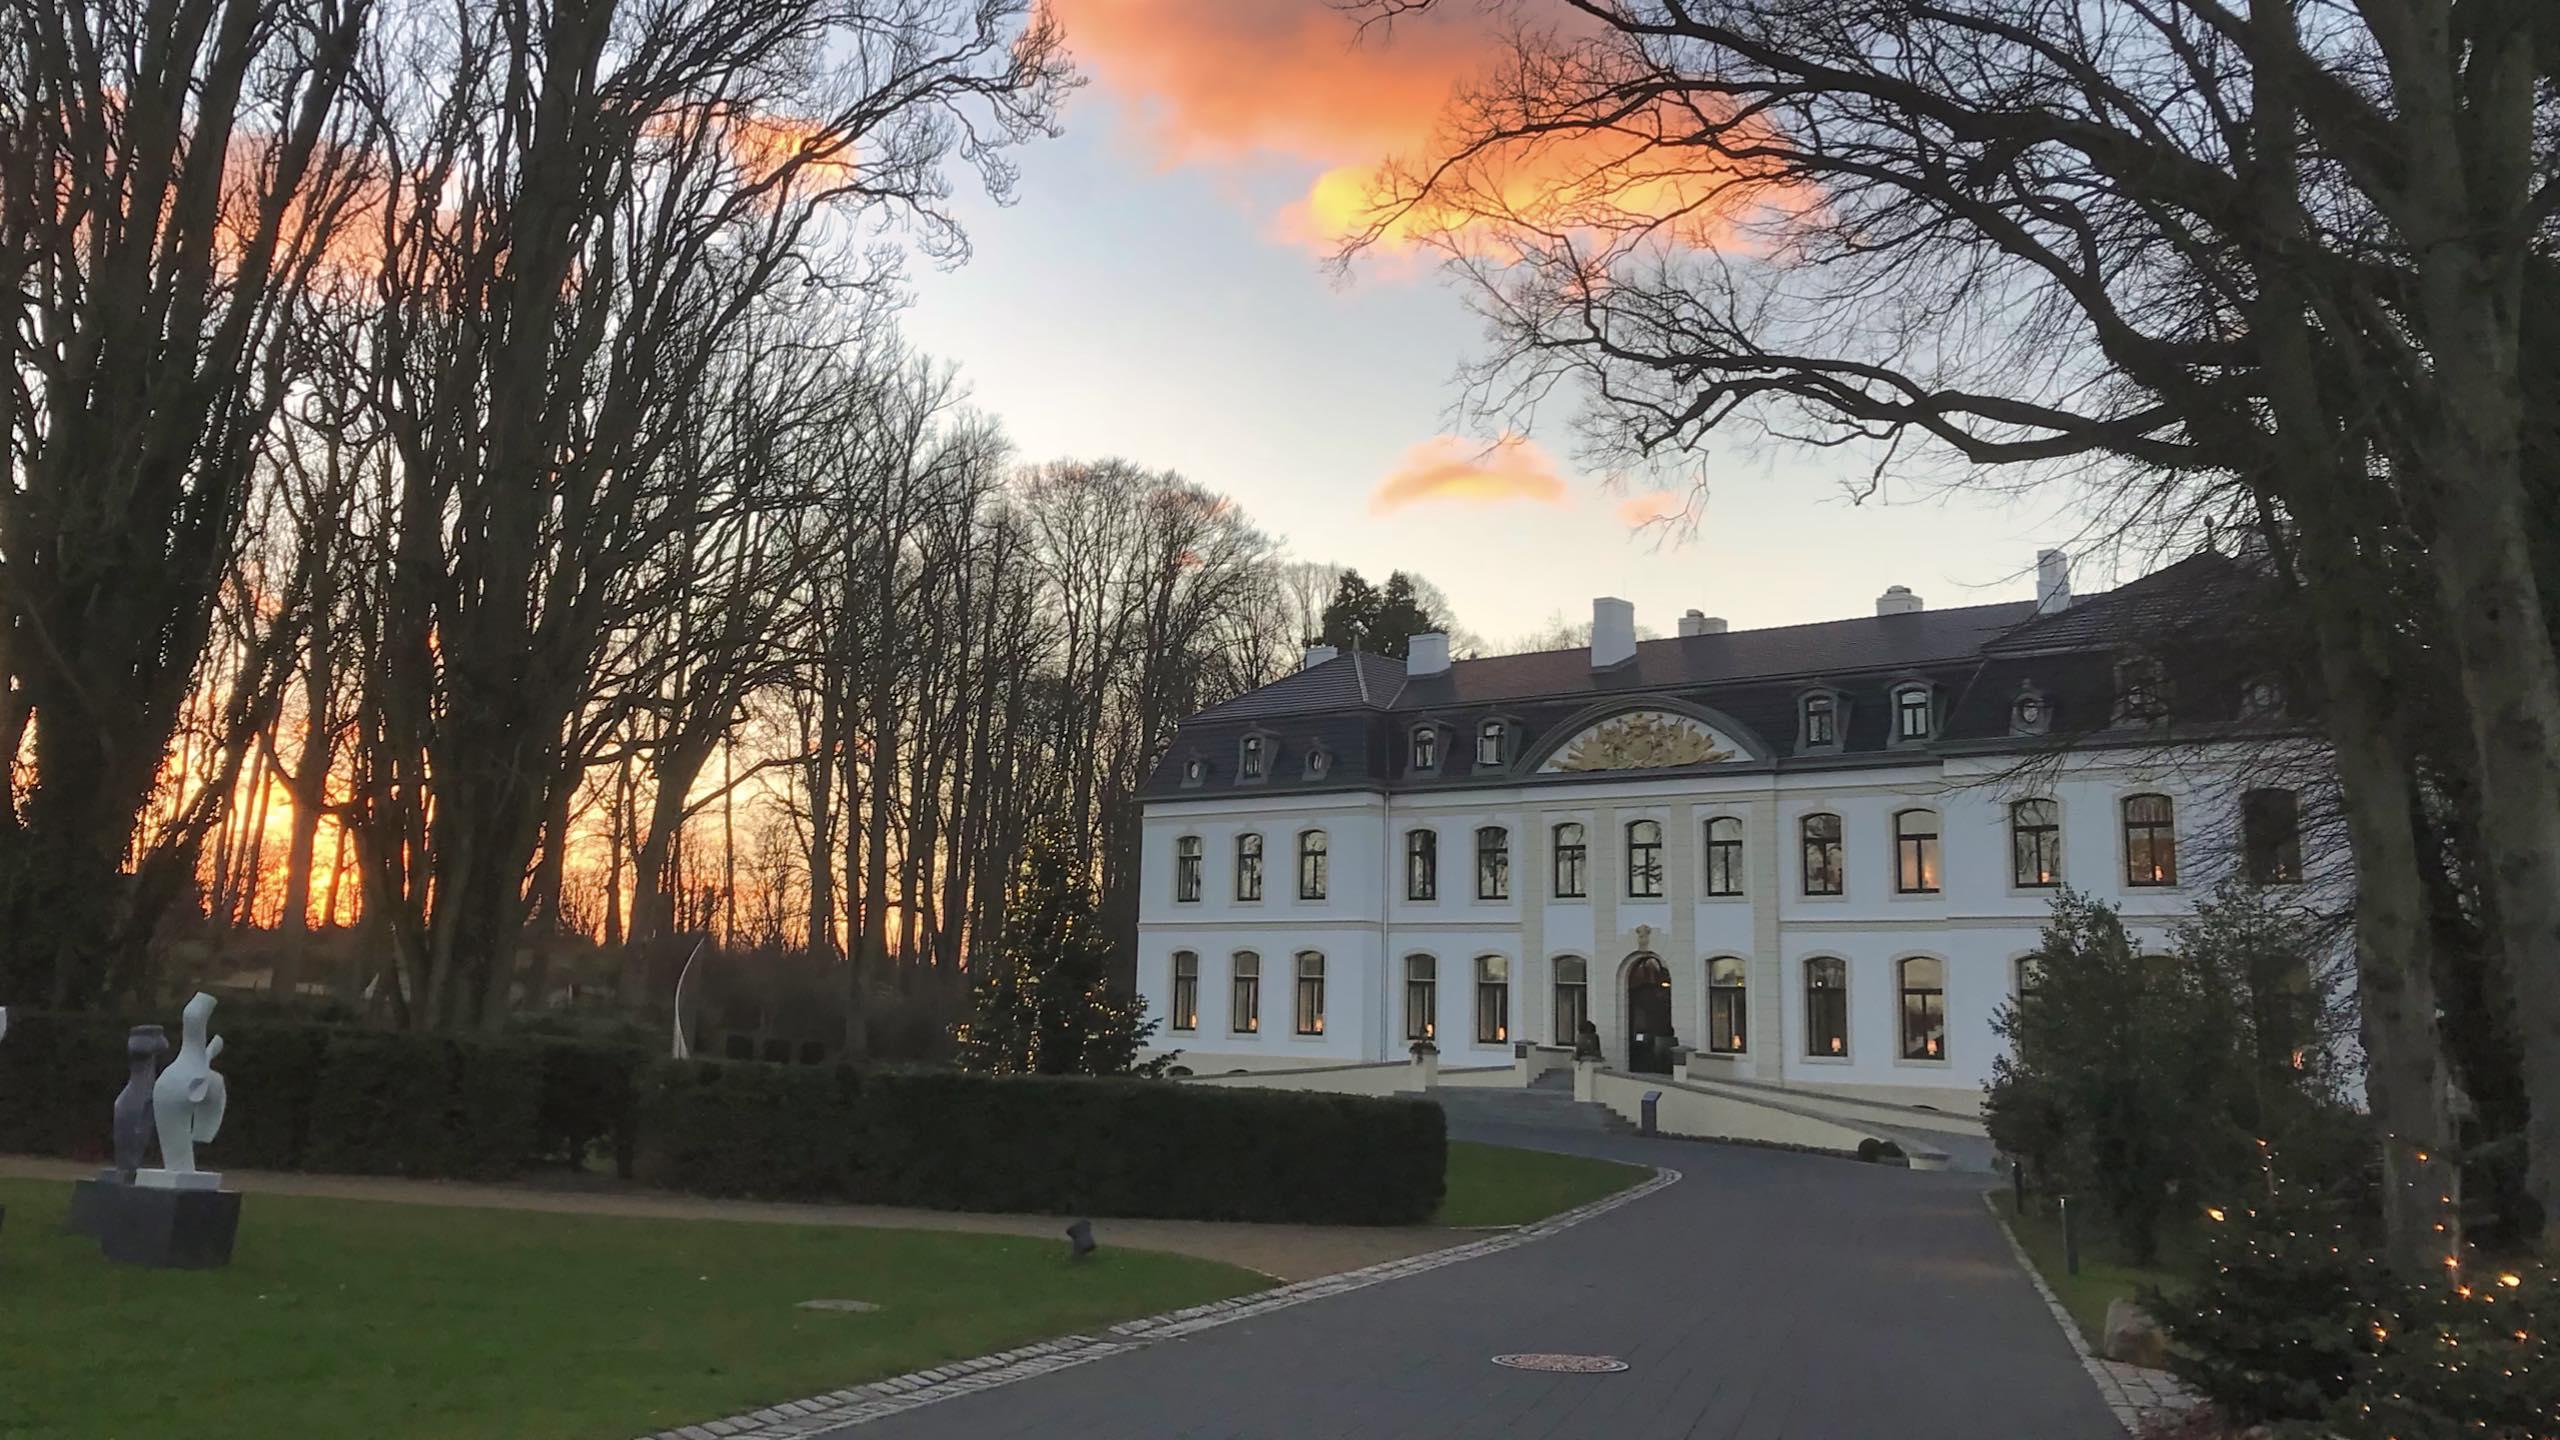 Weissenhaus Grand Village Luxushotel im Sonnenuntergang